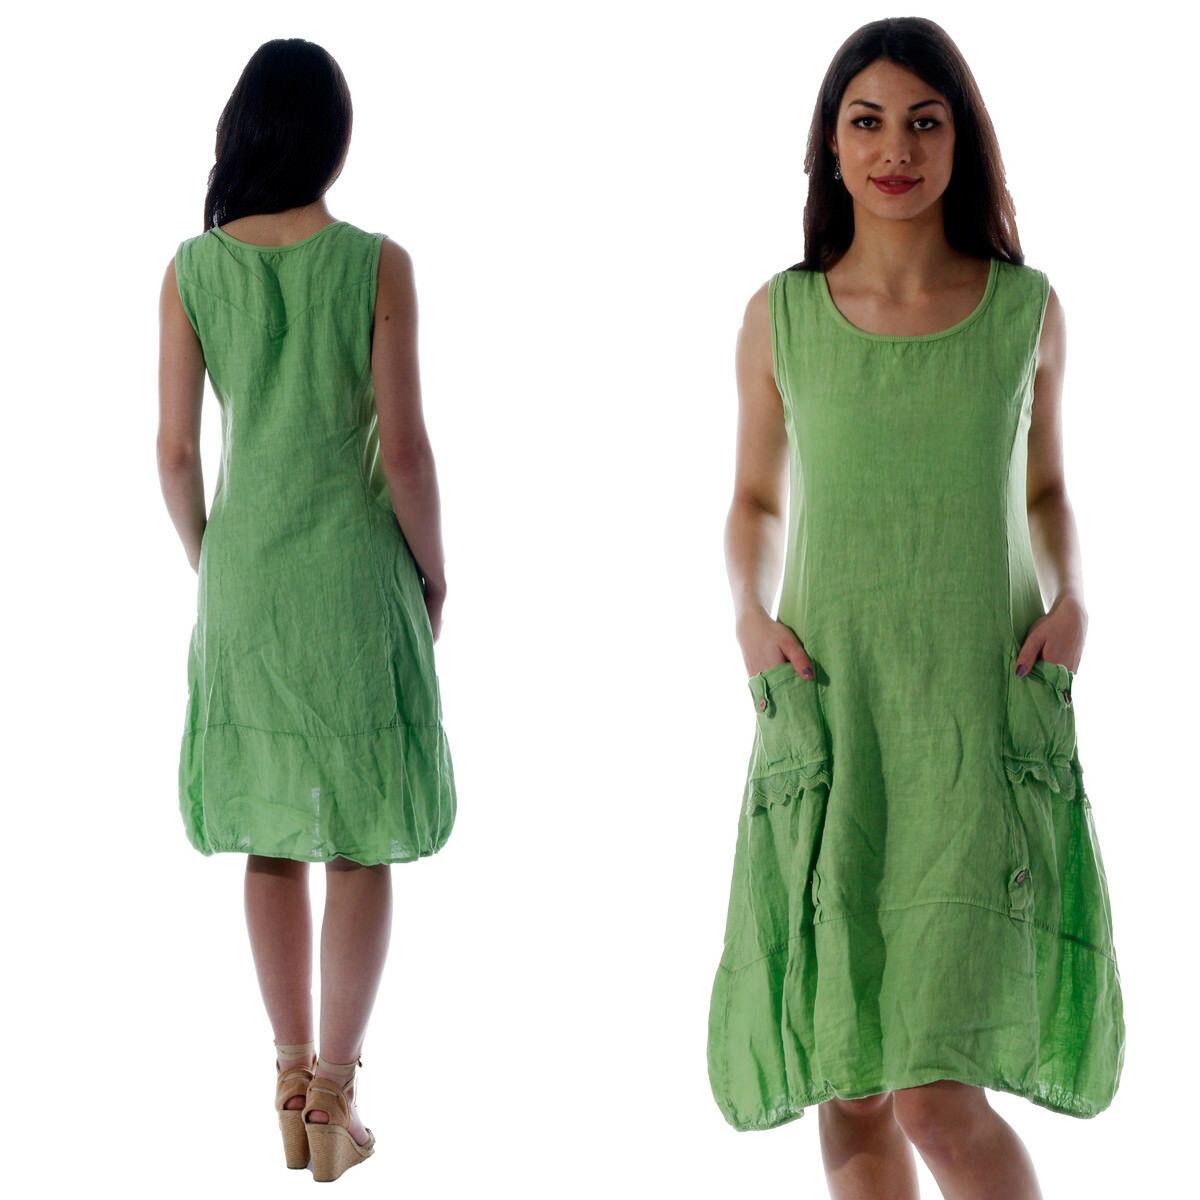 Damen Leinen Kleid ärmellos mit schönen Details Apfelgrün